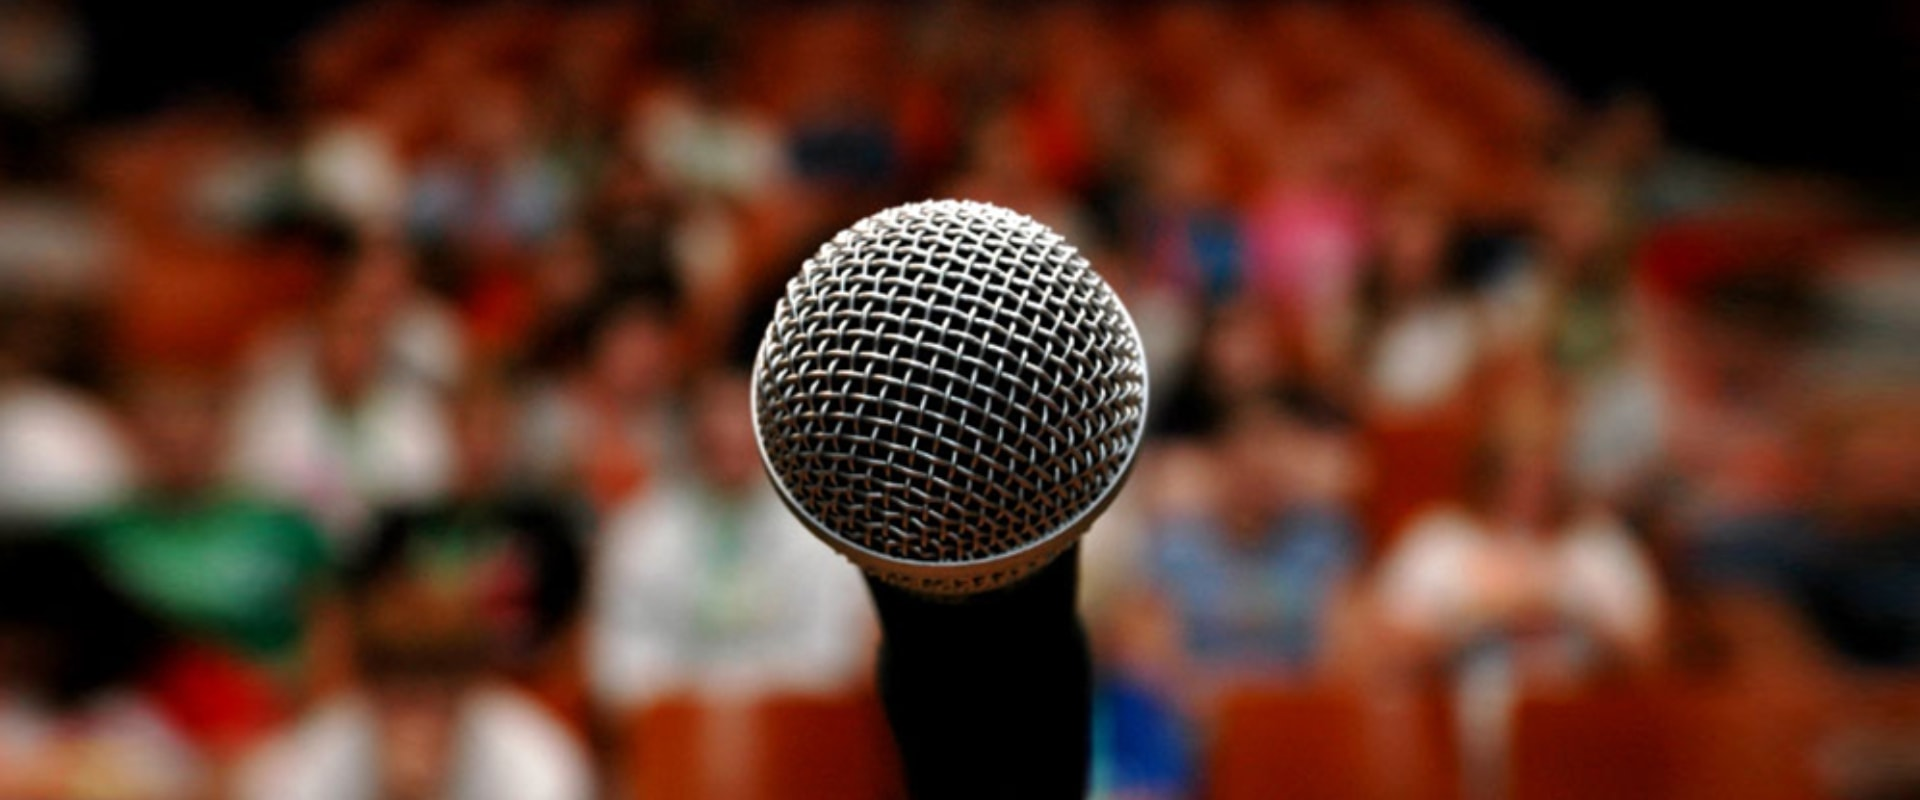 Academy Kurumsal Eğitimler | İletişim Eğitimleri, Topluluk Önünde Konuşma Eğitimi